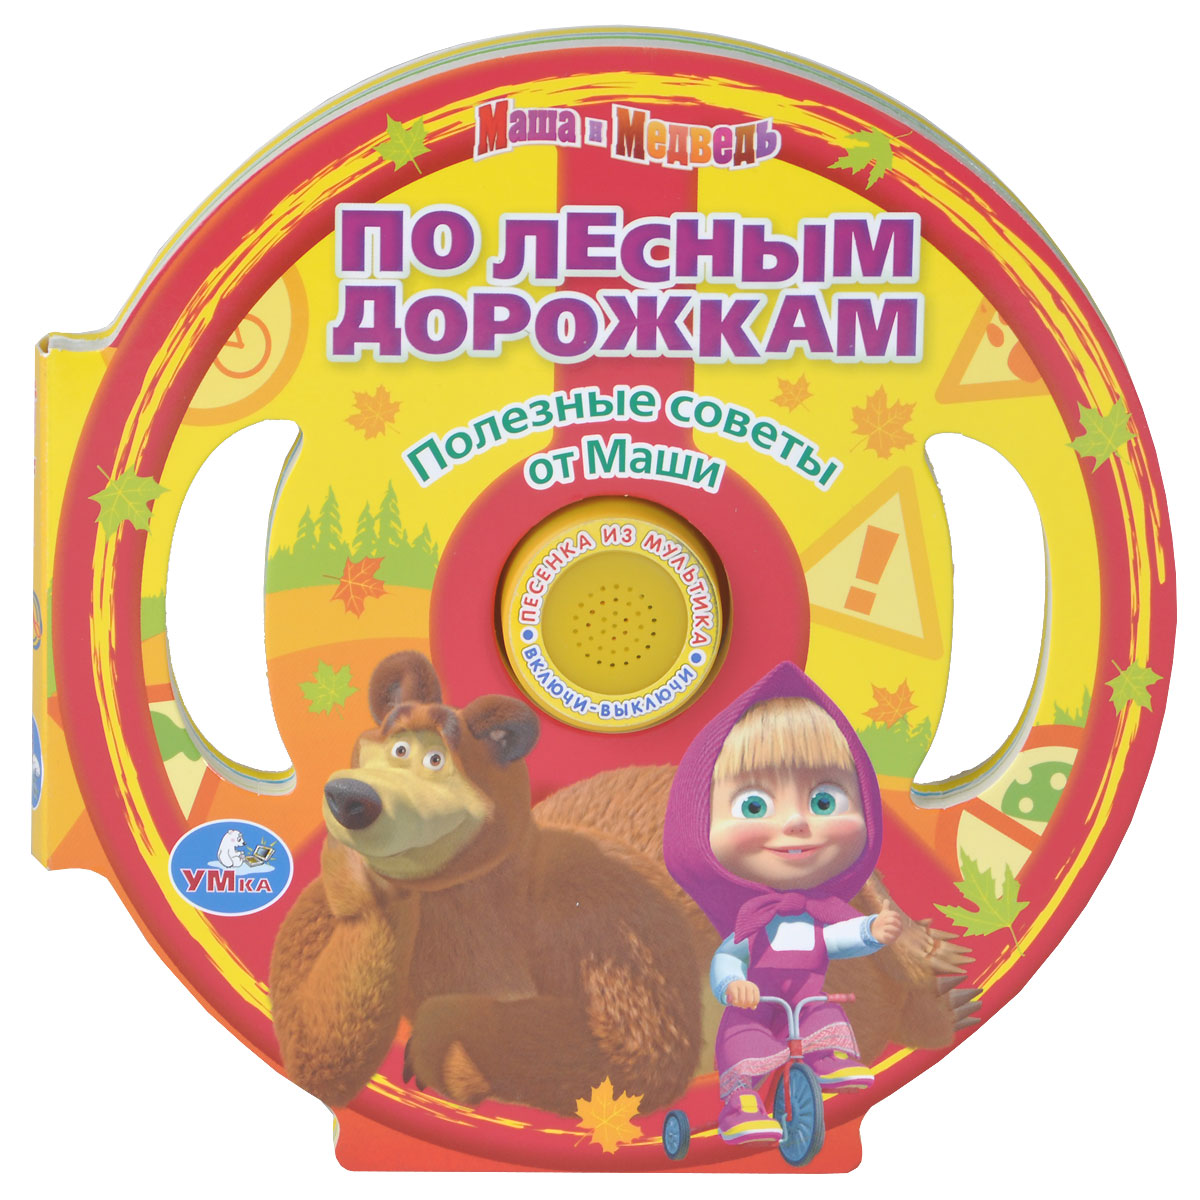 Фото Маша и Медведь. По лесным дорожкам. Полезные советы от Маши. Книжка-игрушка. Купить  в РФ